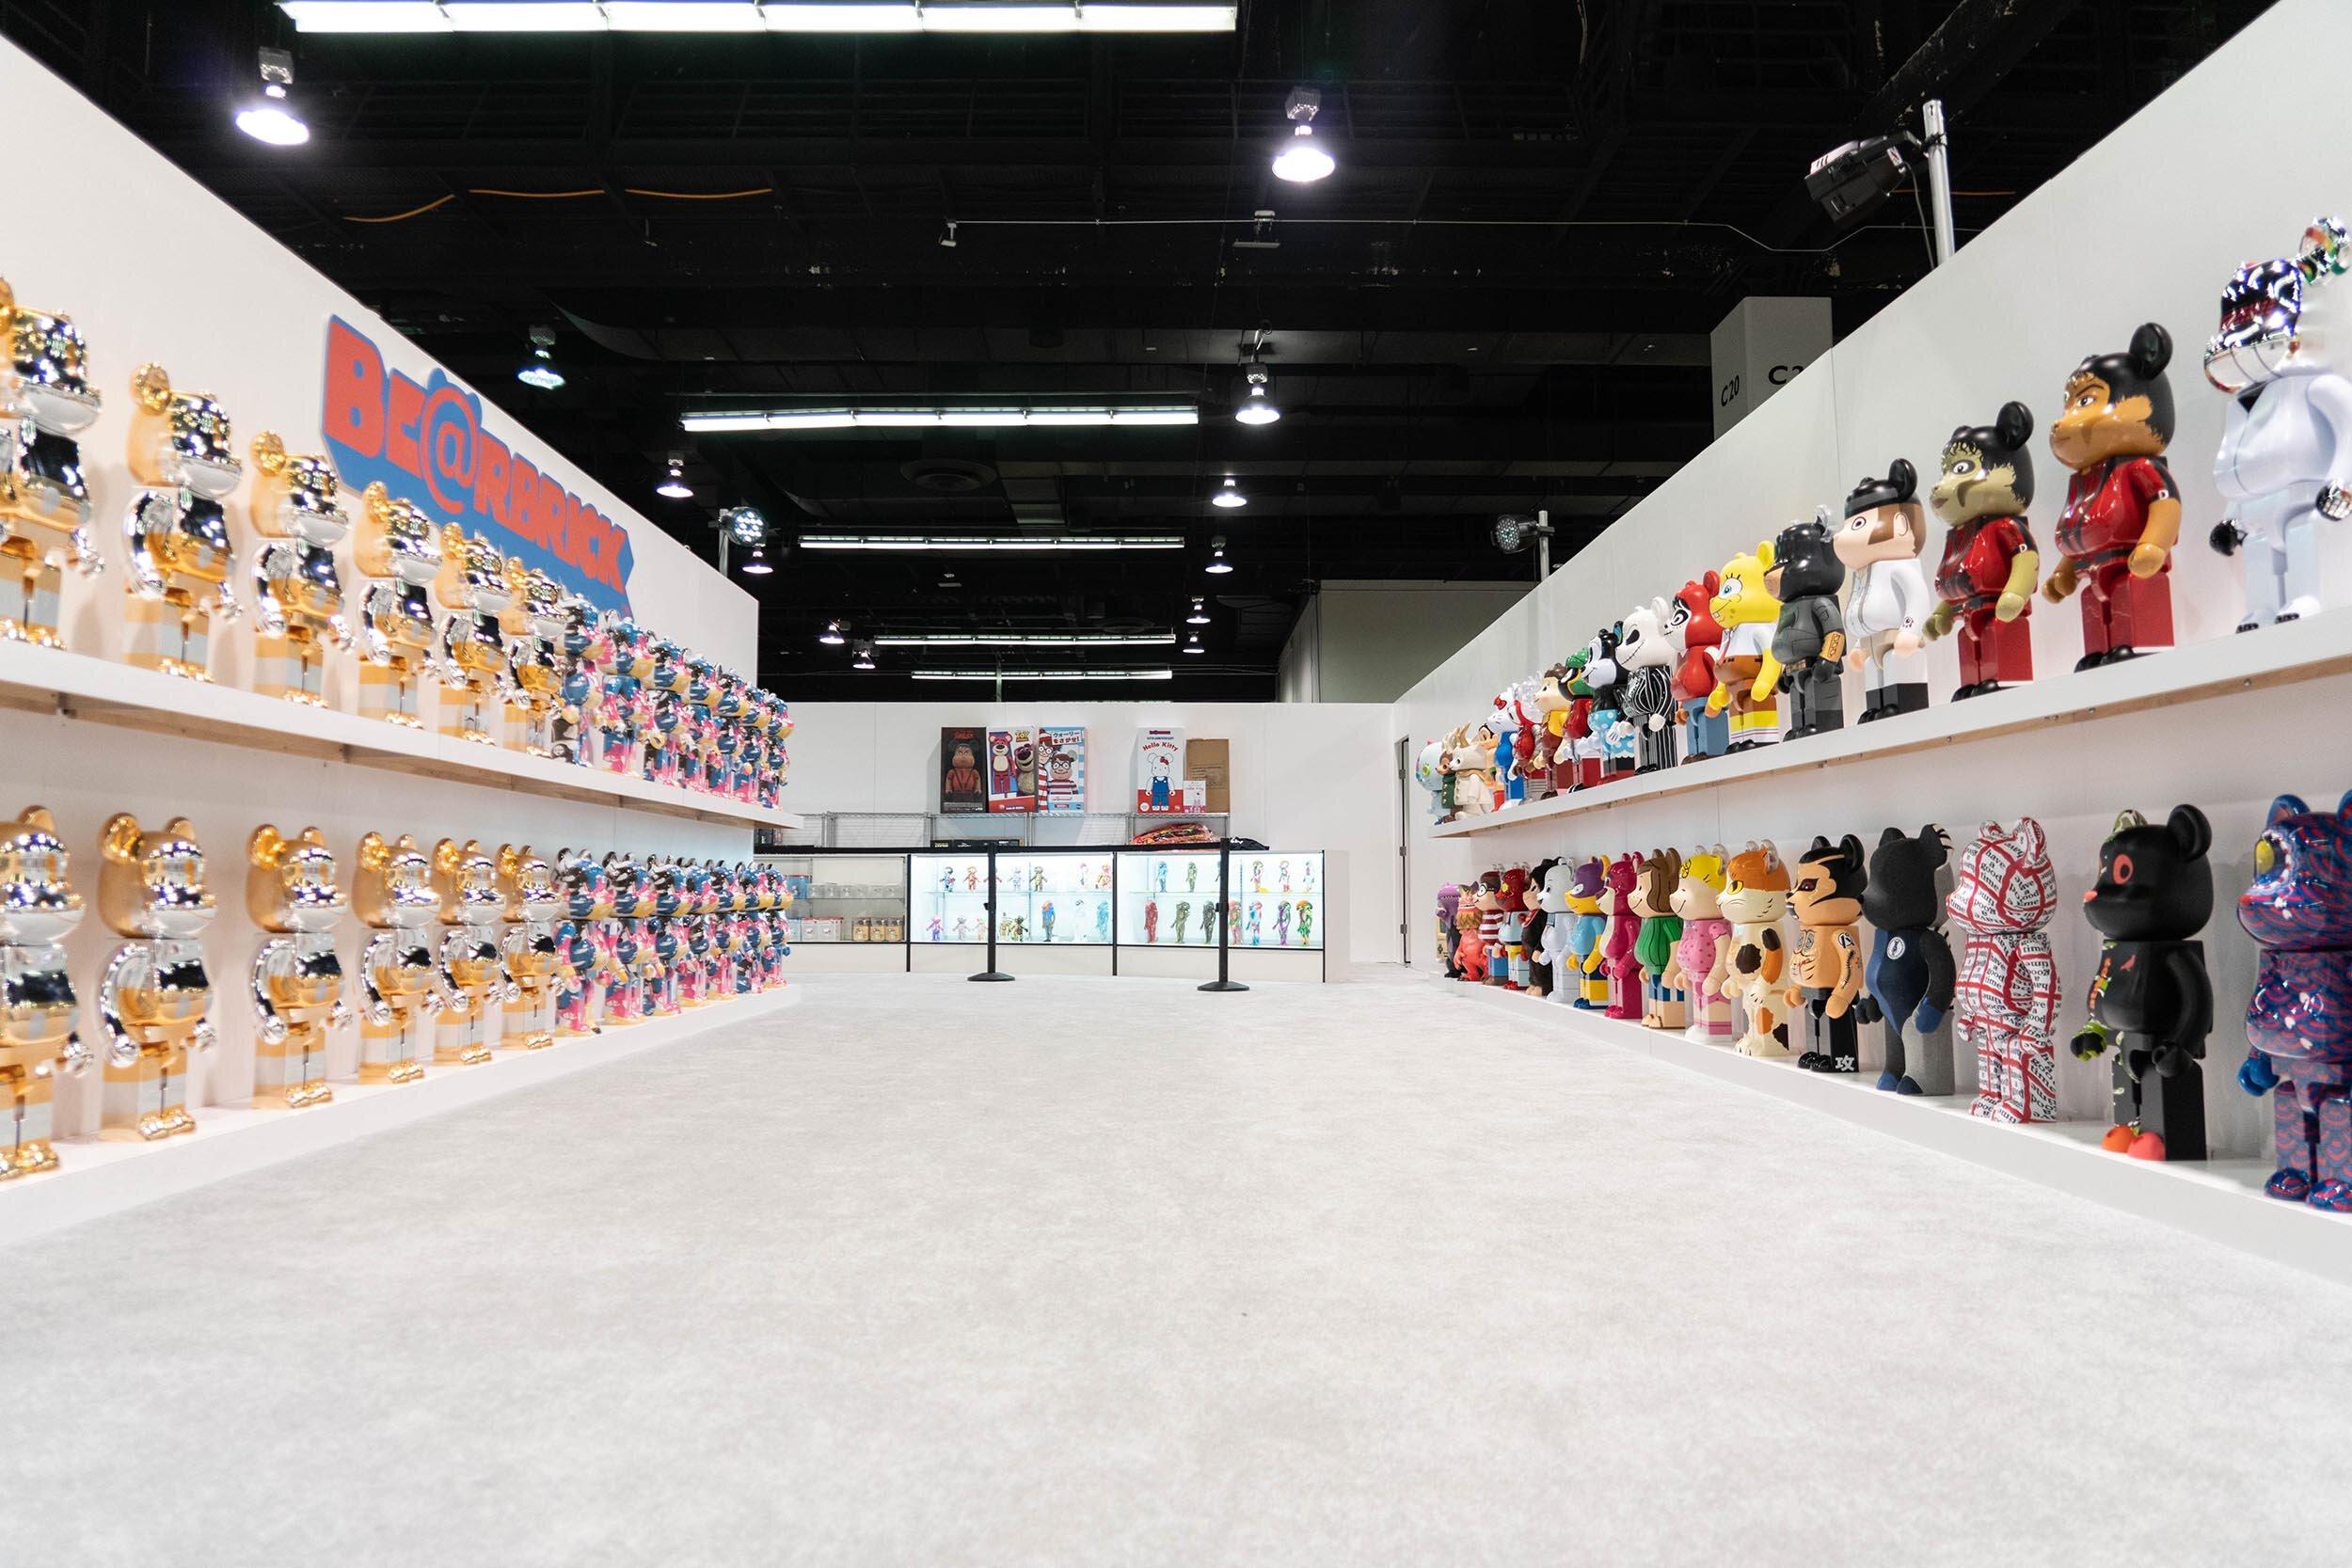 Medicom Toy at DesignerCon